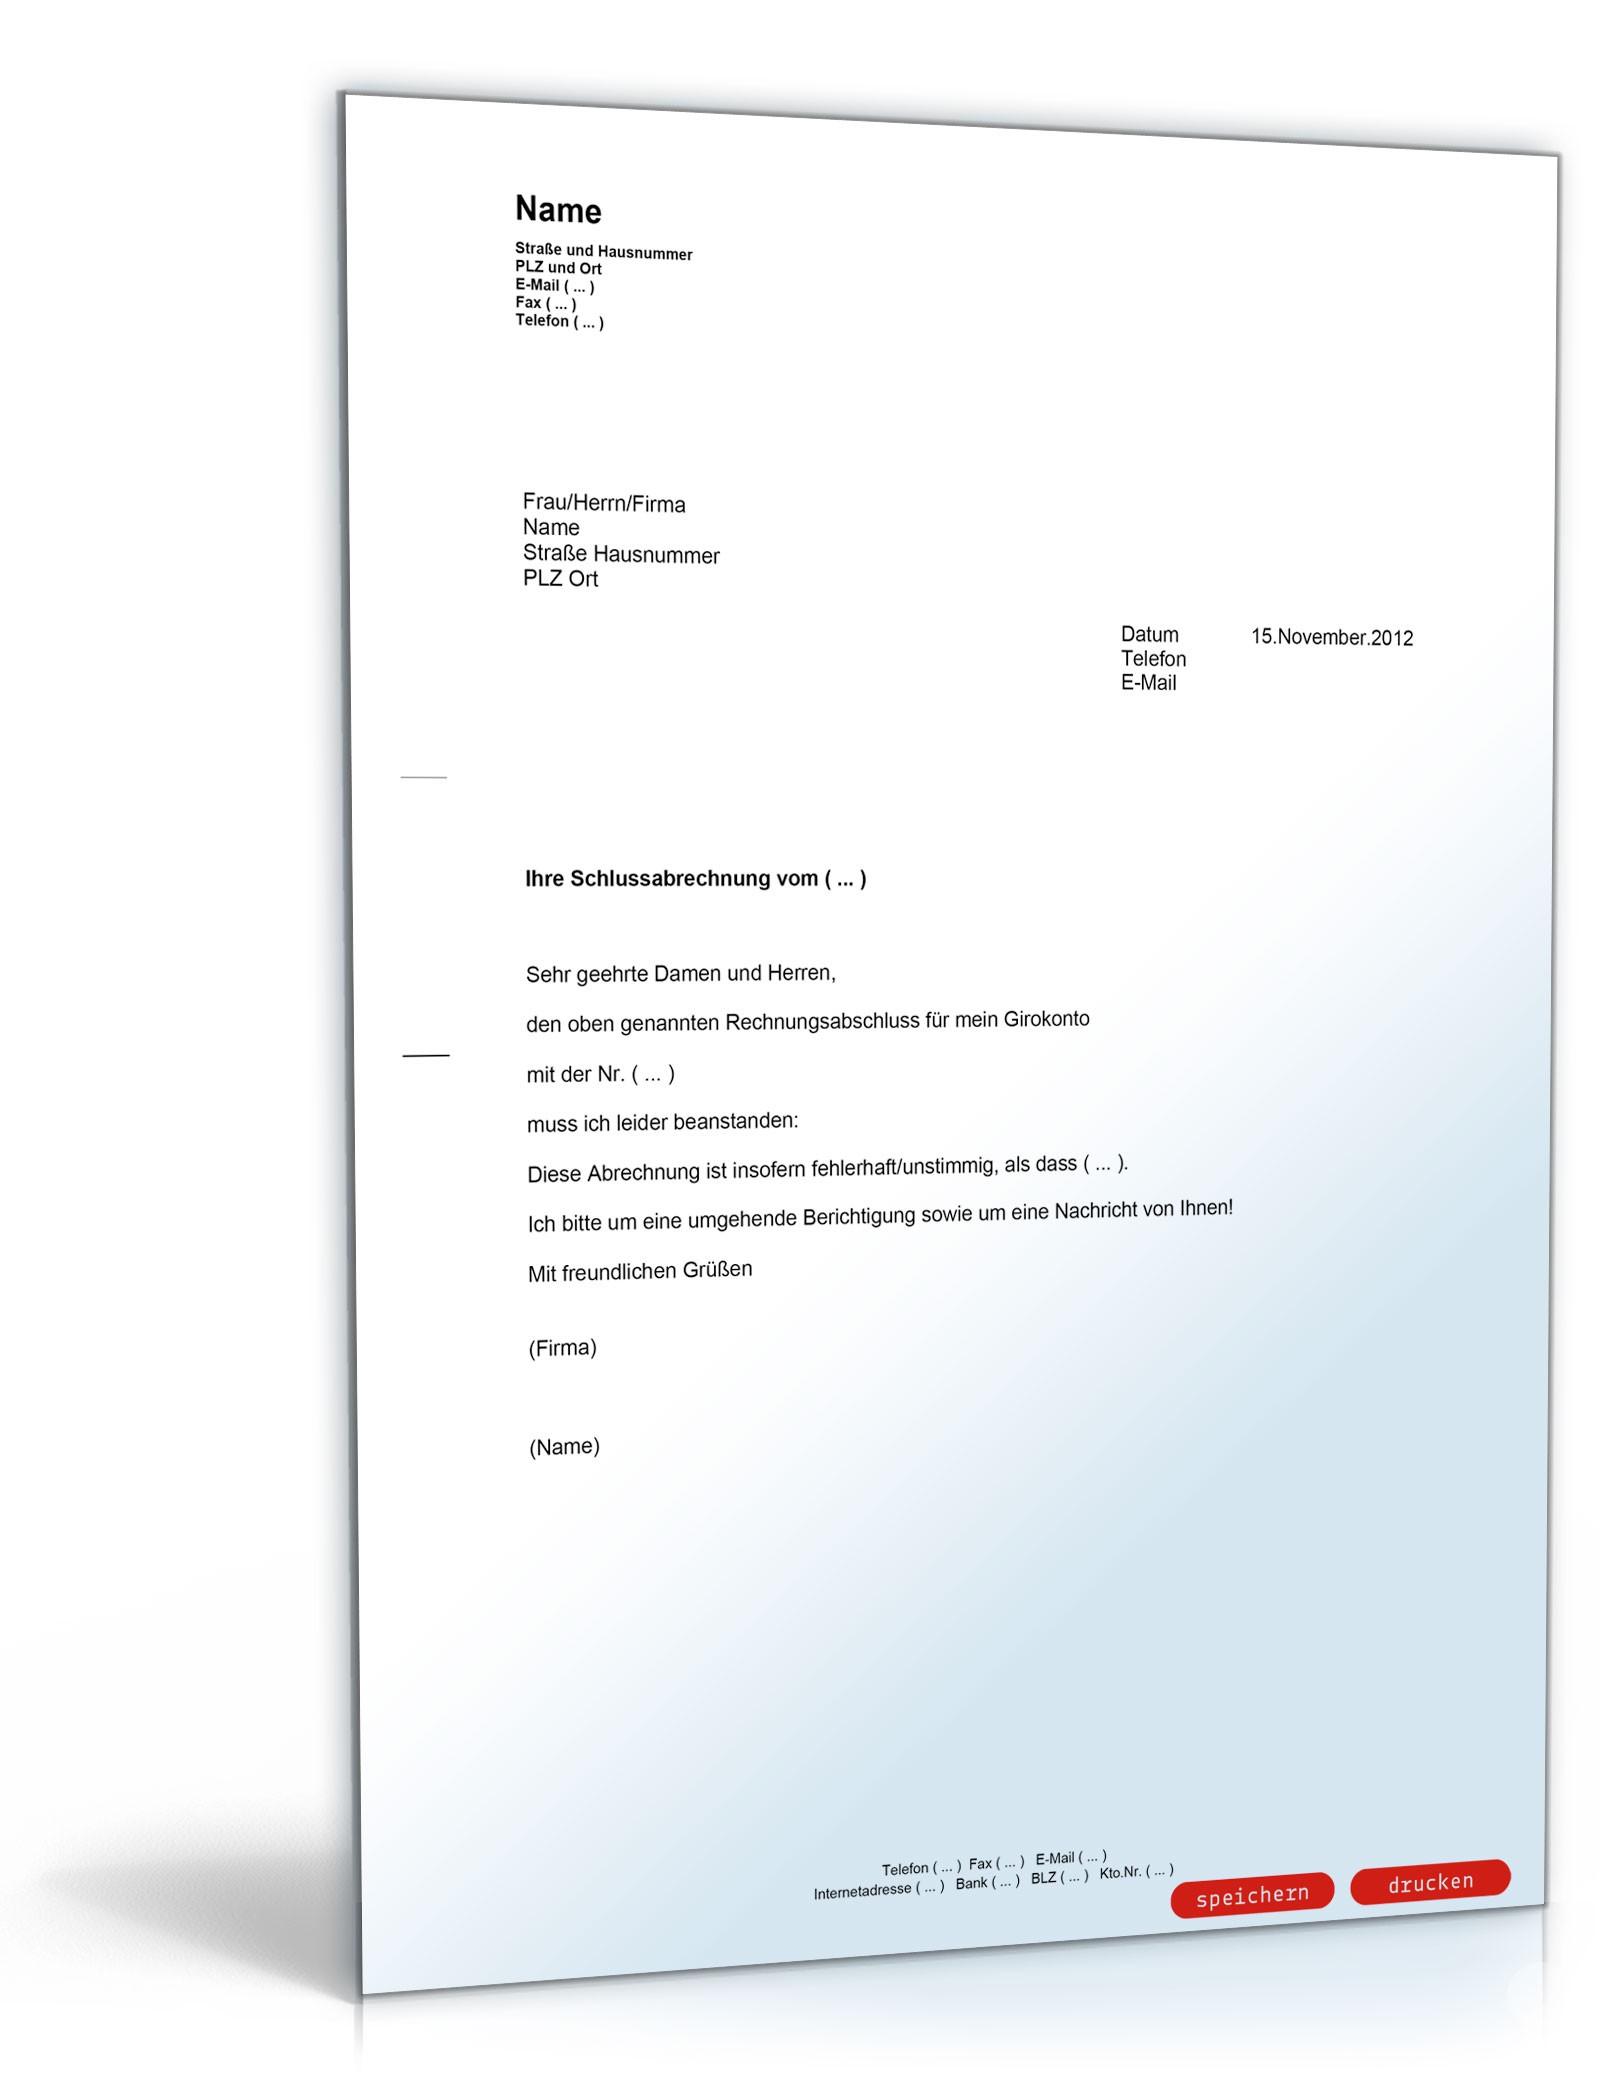 Tolle Pta Mitgliedschaft Formularvorlage Ideen - Entry Level Resume ...